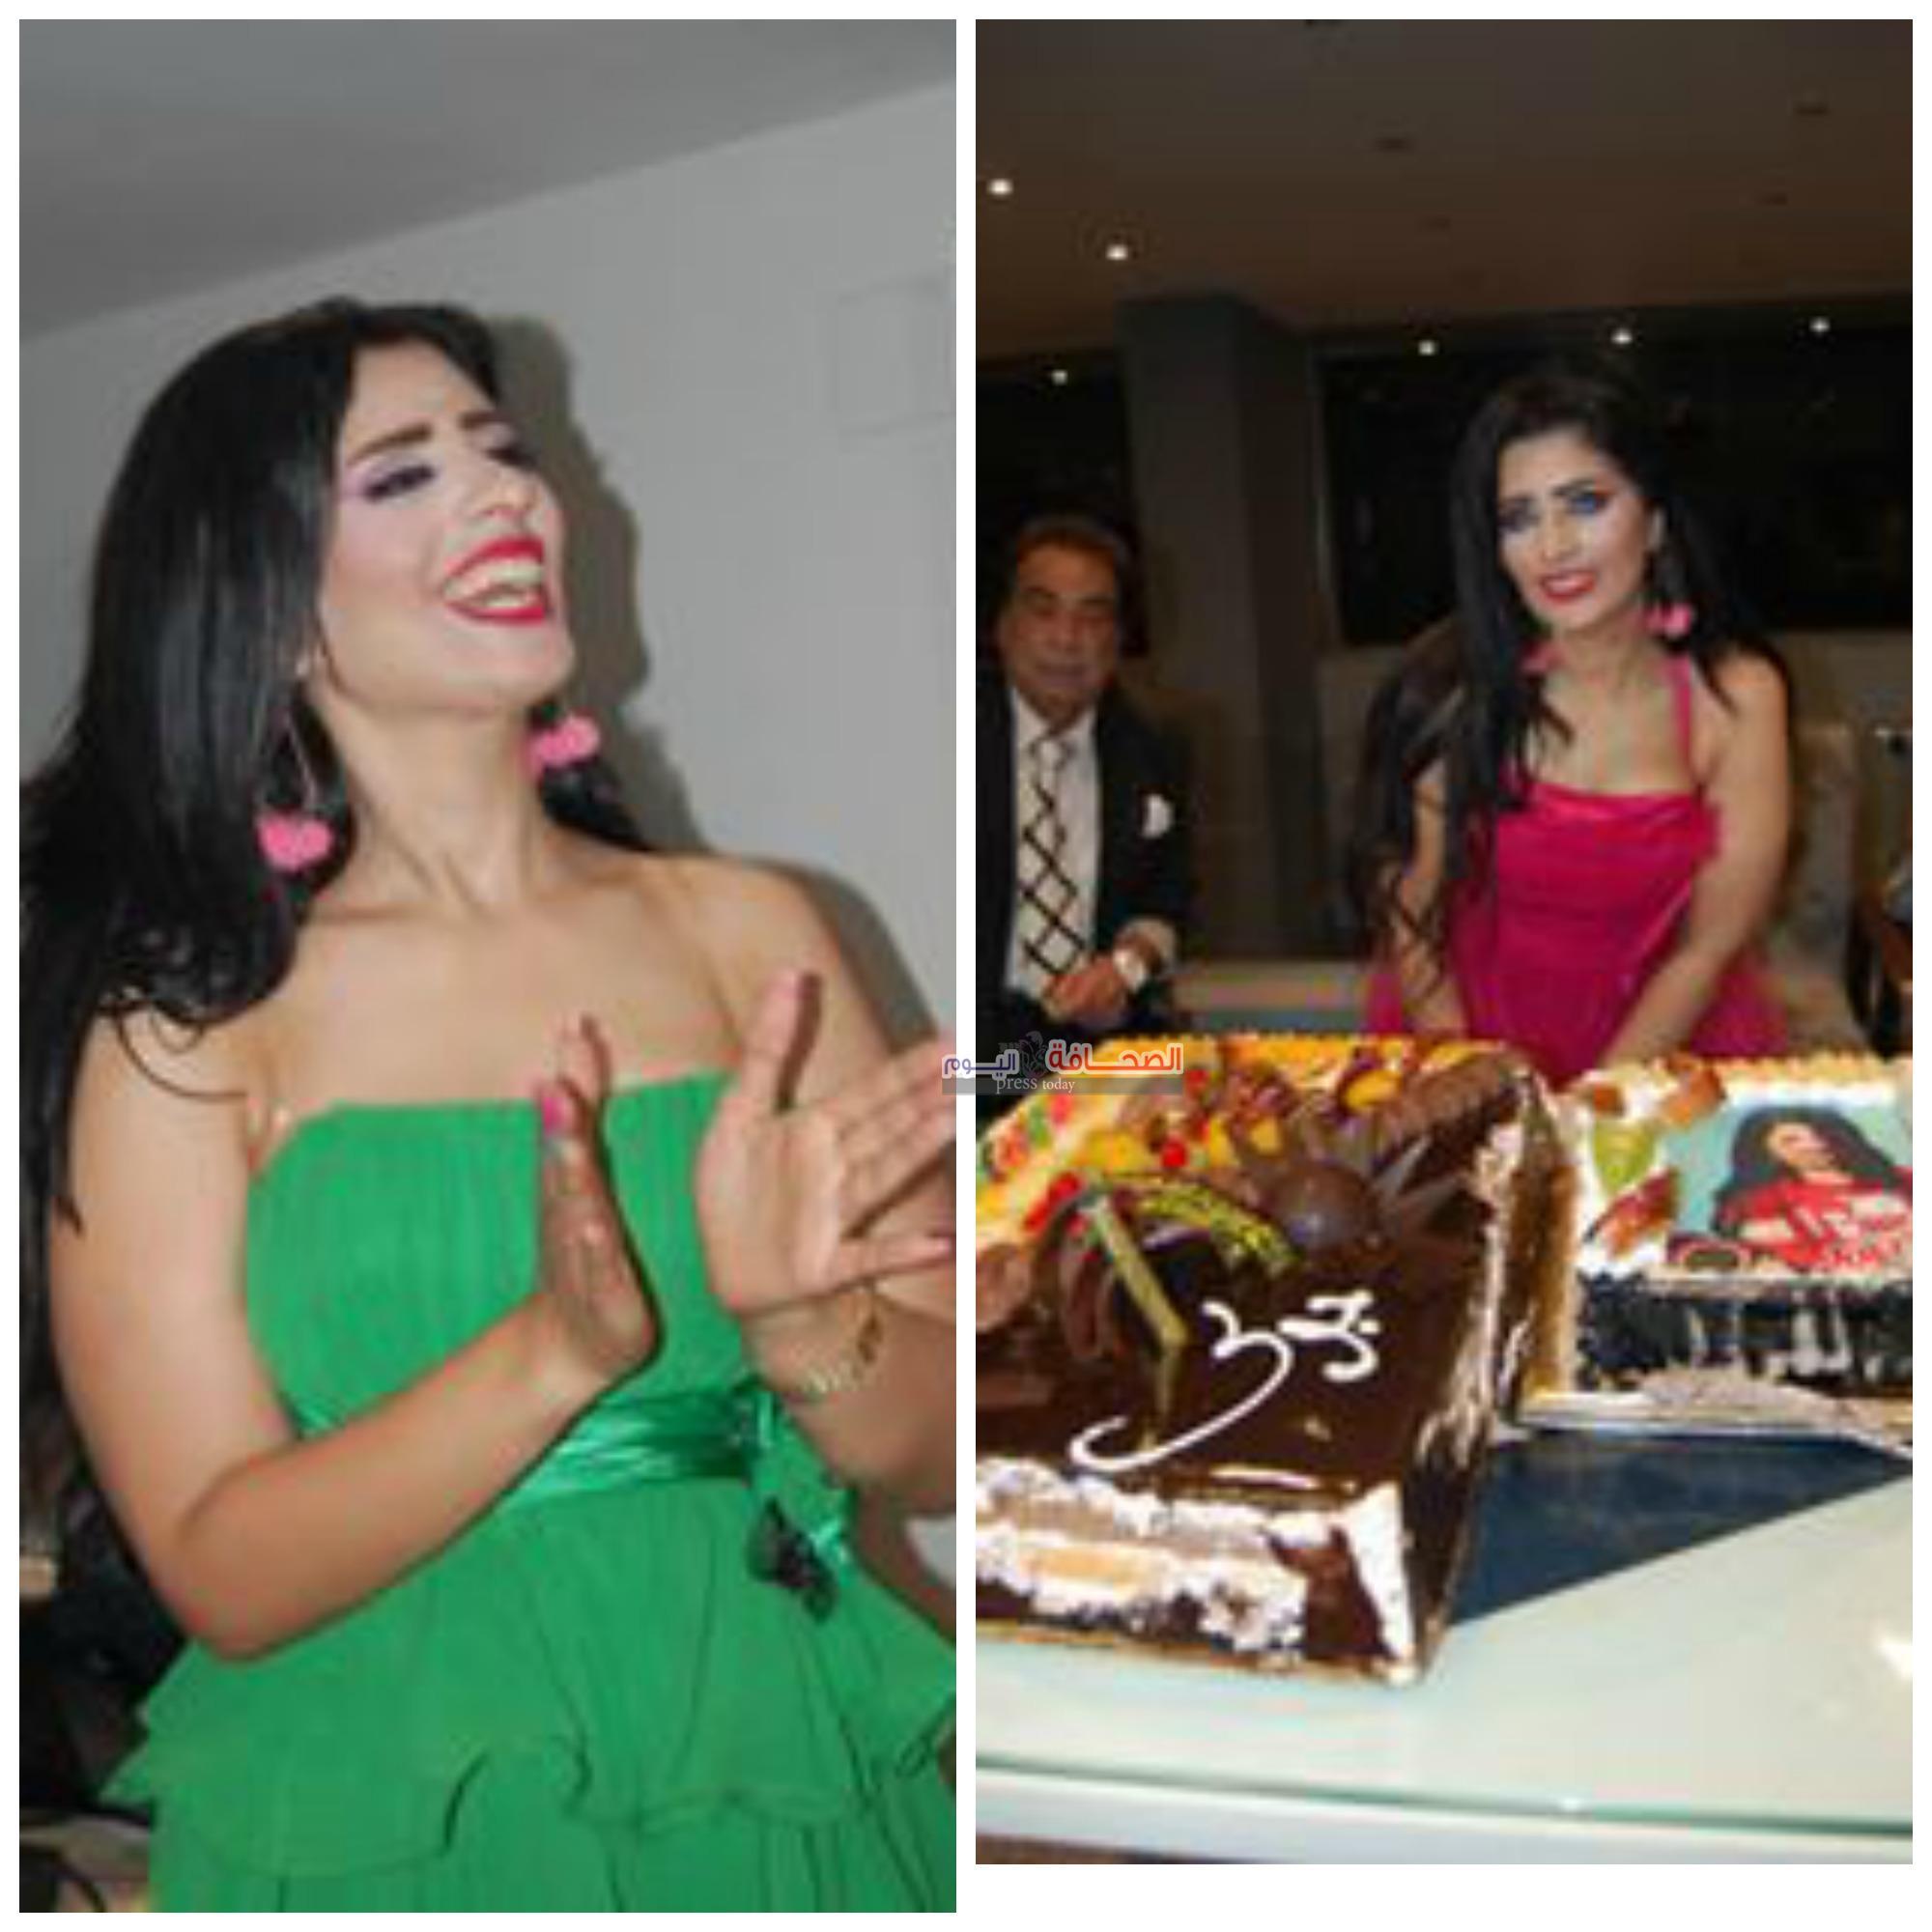 بالصور : المطربة اللبنانية جوليا تحتفل بعيد ميلادها